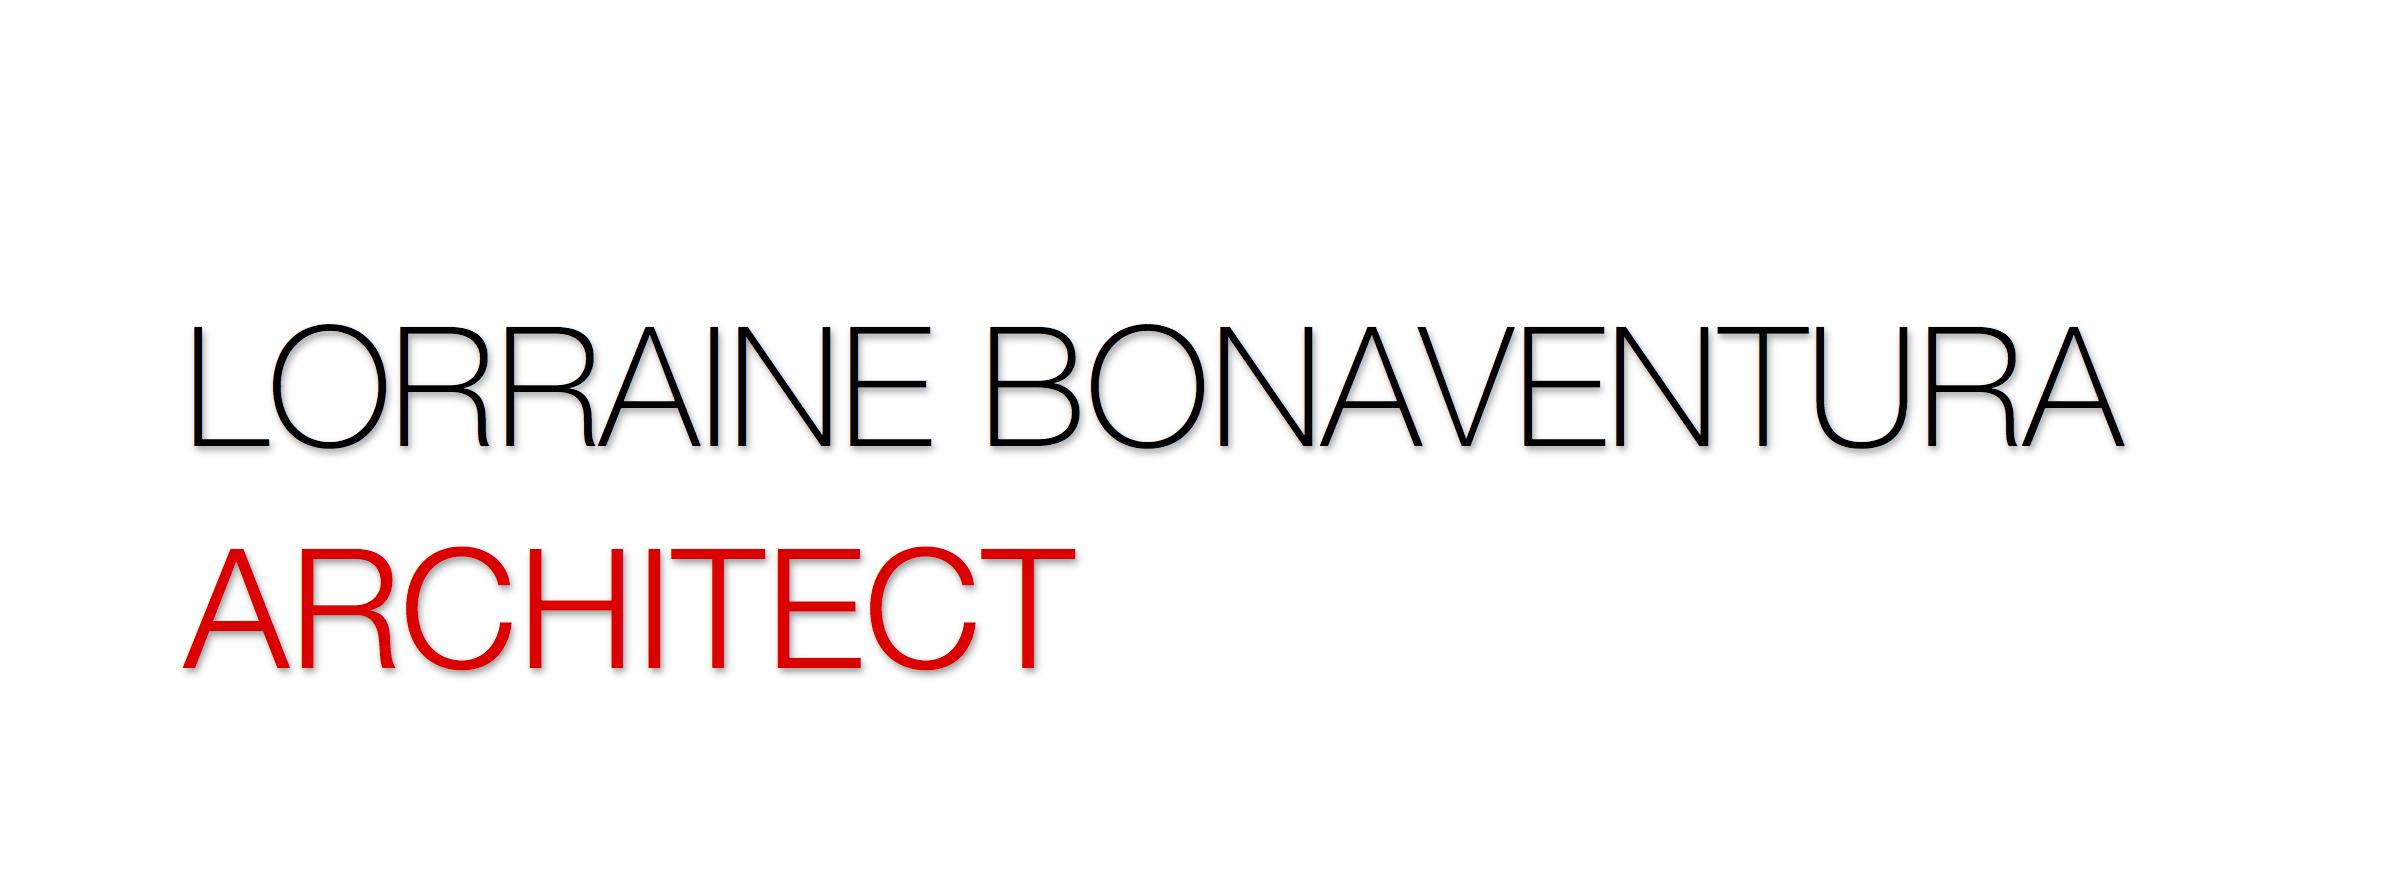 Lorraine Bonaventura Architect